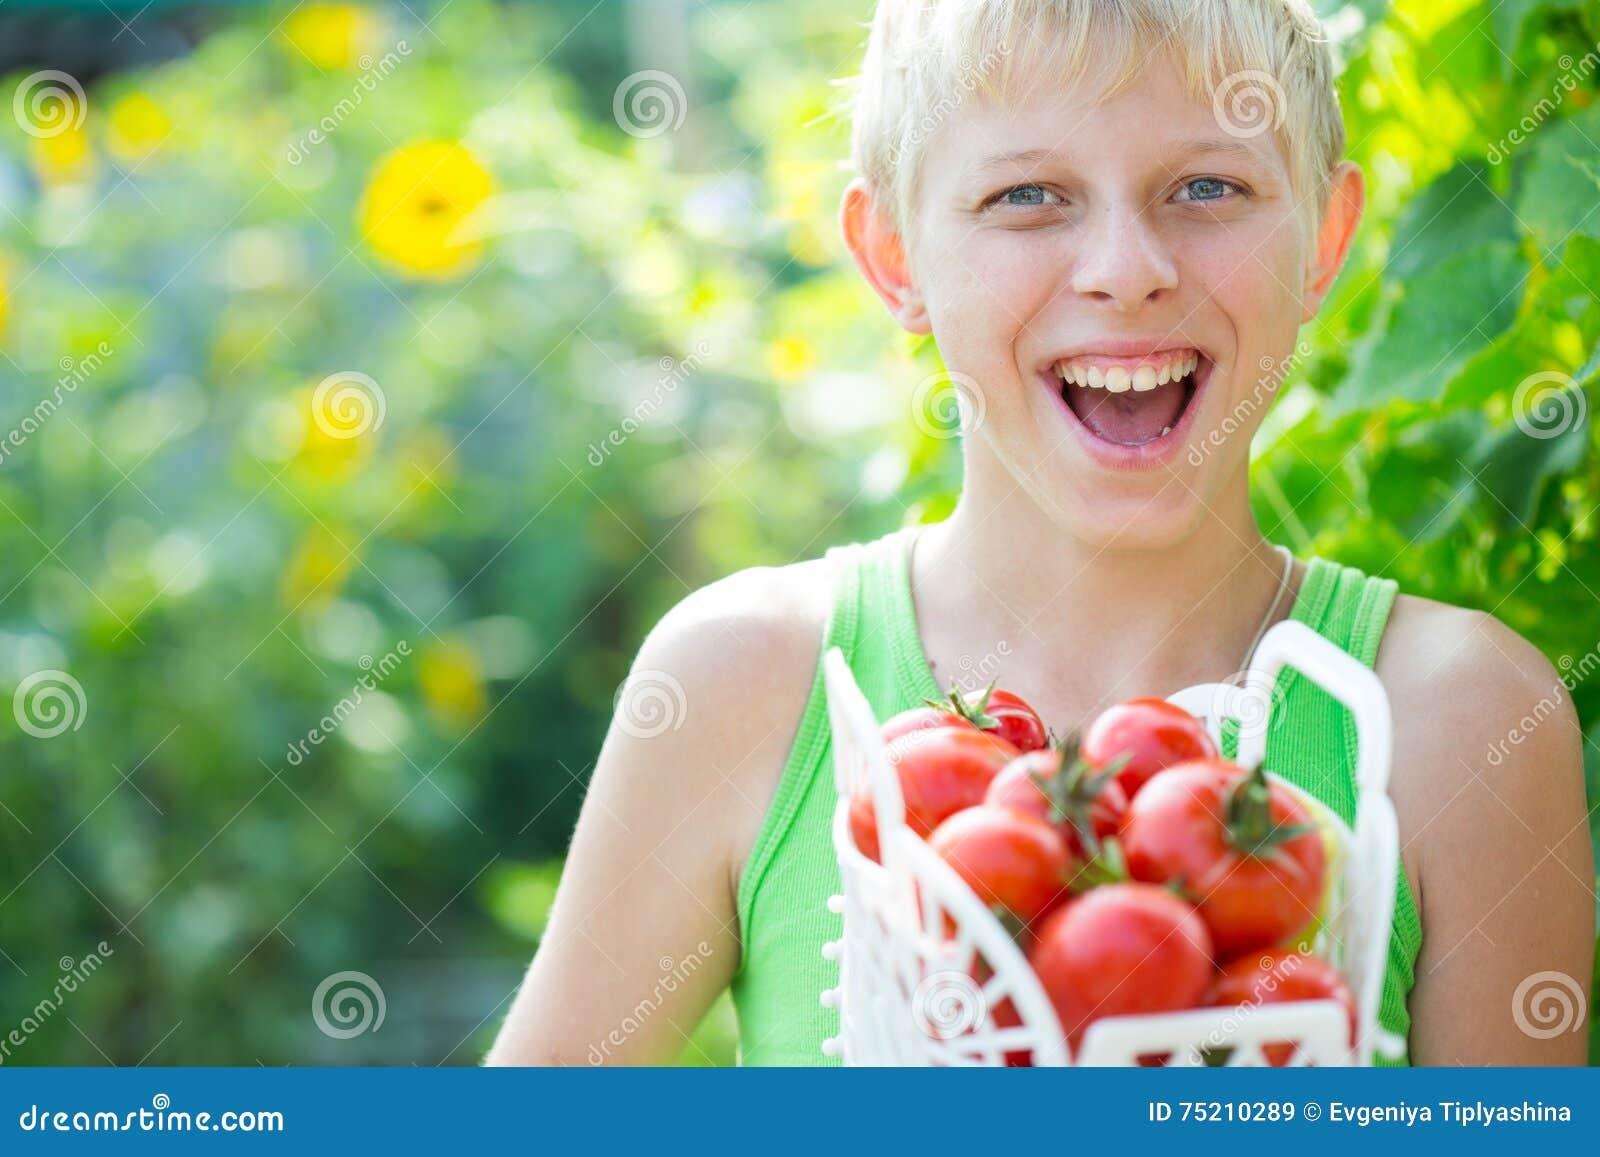 Junge mit einer Ernte von Tomaten